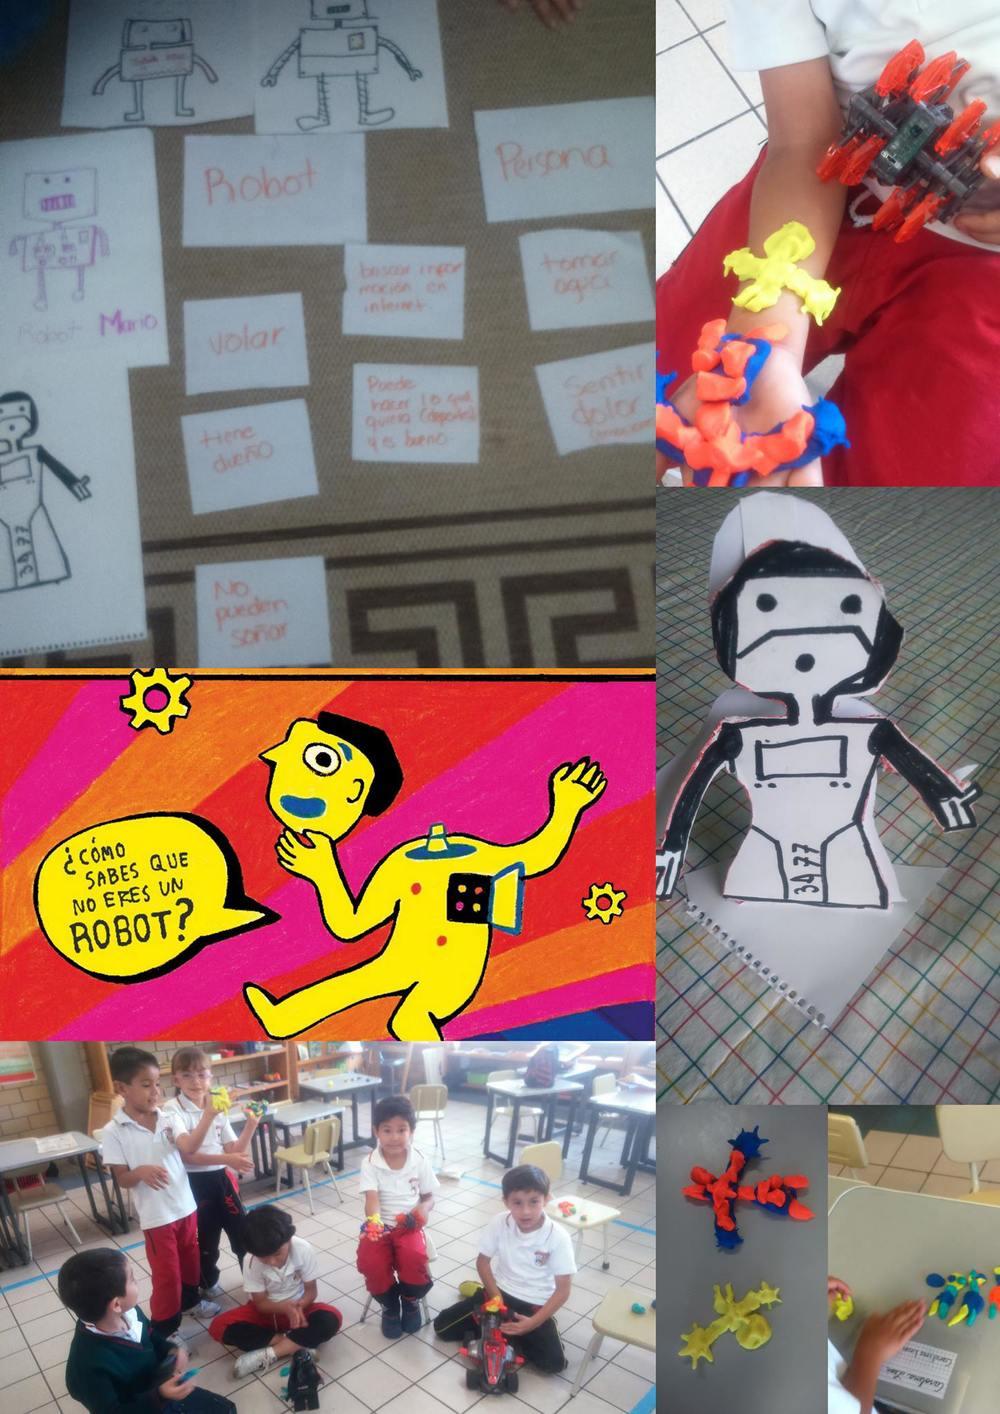 """Así nos lo contaron en Facebook:Hoy en nuestra última sesión escolar hemos estado hablando de los ROBOTS. Hemos actuado como robots, dibujado robots y hablado un poco de como sabemos que NO somos un robot. Concluimos haciendo robots de masas. La hemos pasado genial, gracias a Wonder Ponder y a Koiné Filosofica por hacernos la pregunta!Aquí algunas de las respuestas. Armando """"No soy un robot porque tengo sangre"""" Luigi """"Los humanos tenemos células que nos protegen de los virus y los robots no"""" Juan Pablo """"No soy un robot porque no tengo alambres en la cabeza"""" Angel """"No soy robot porque No tengo un dueño que me dice que haga"""" Cony """"Yo tengo cabello, los robots No"""" Santi """"Yo tengo zapatos y los robots tienen botas"""""""